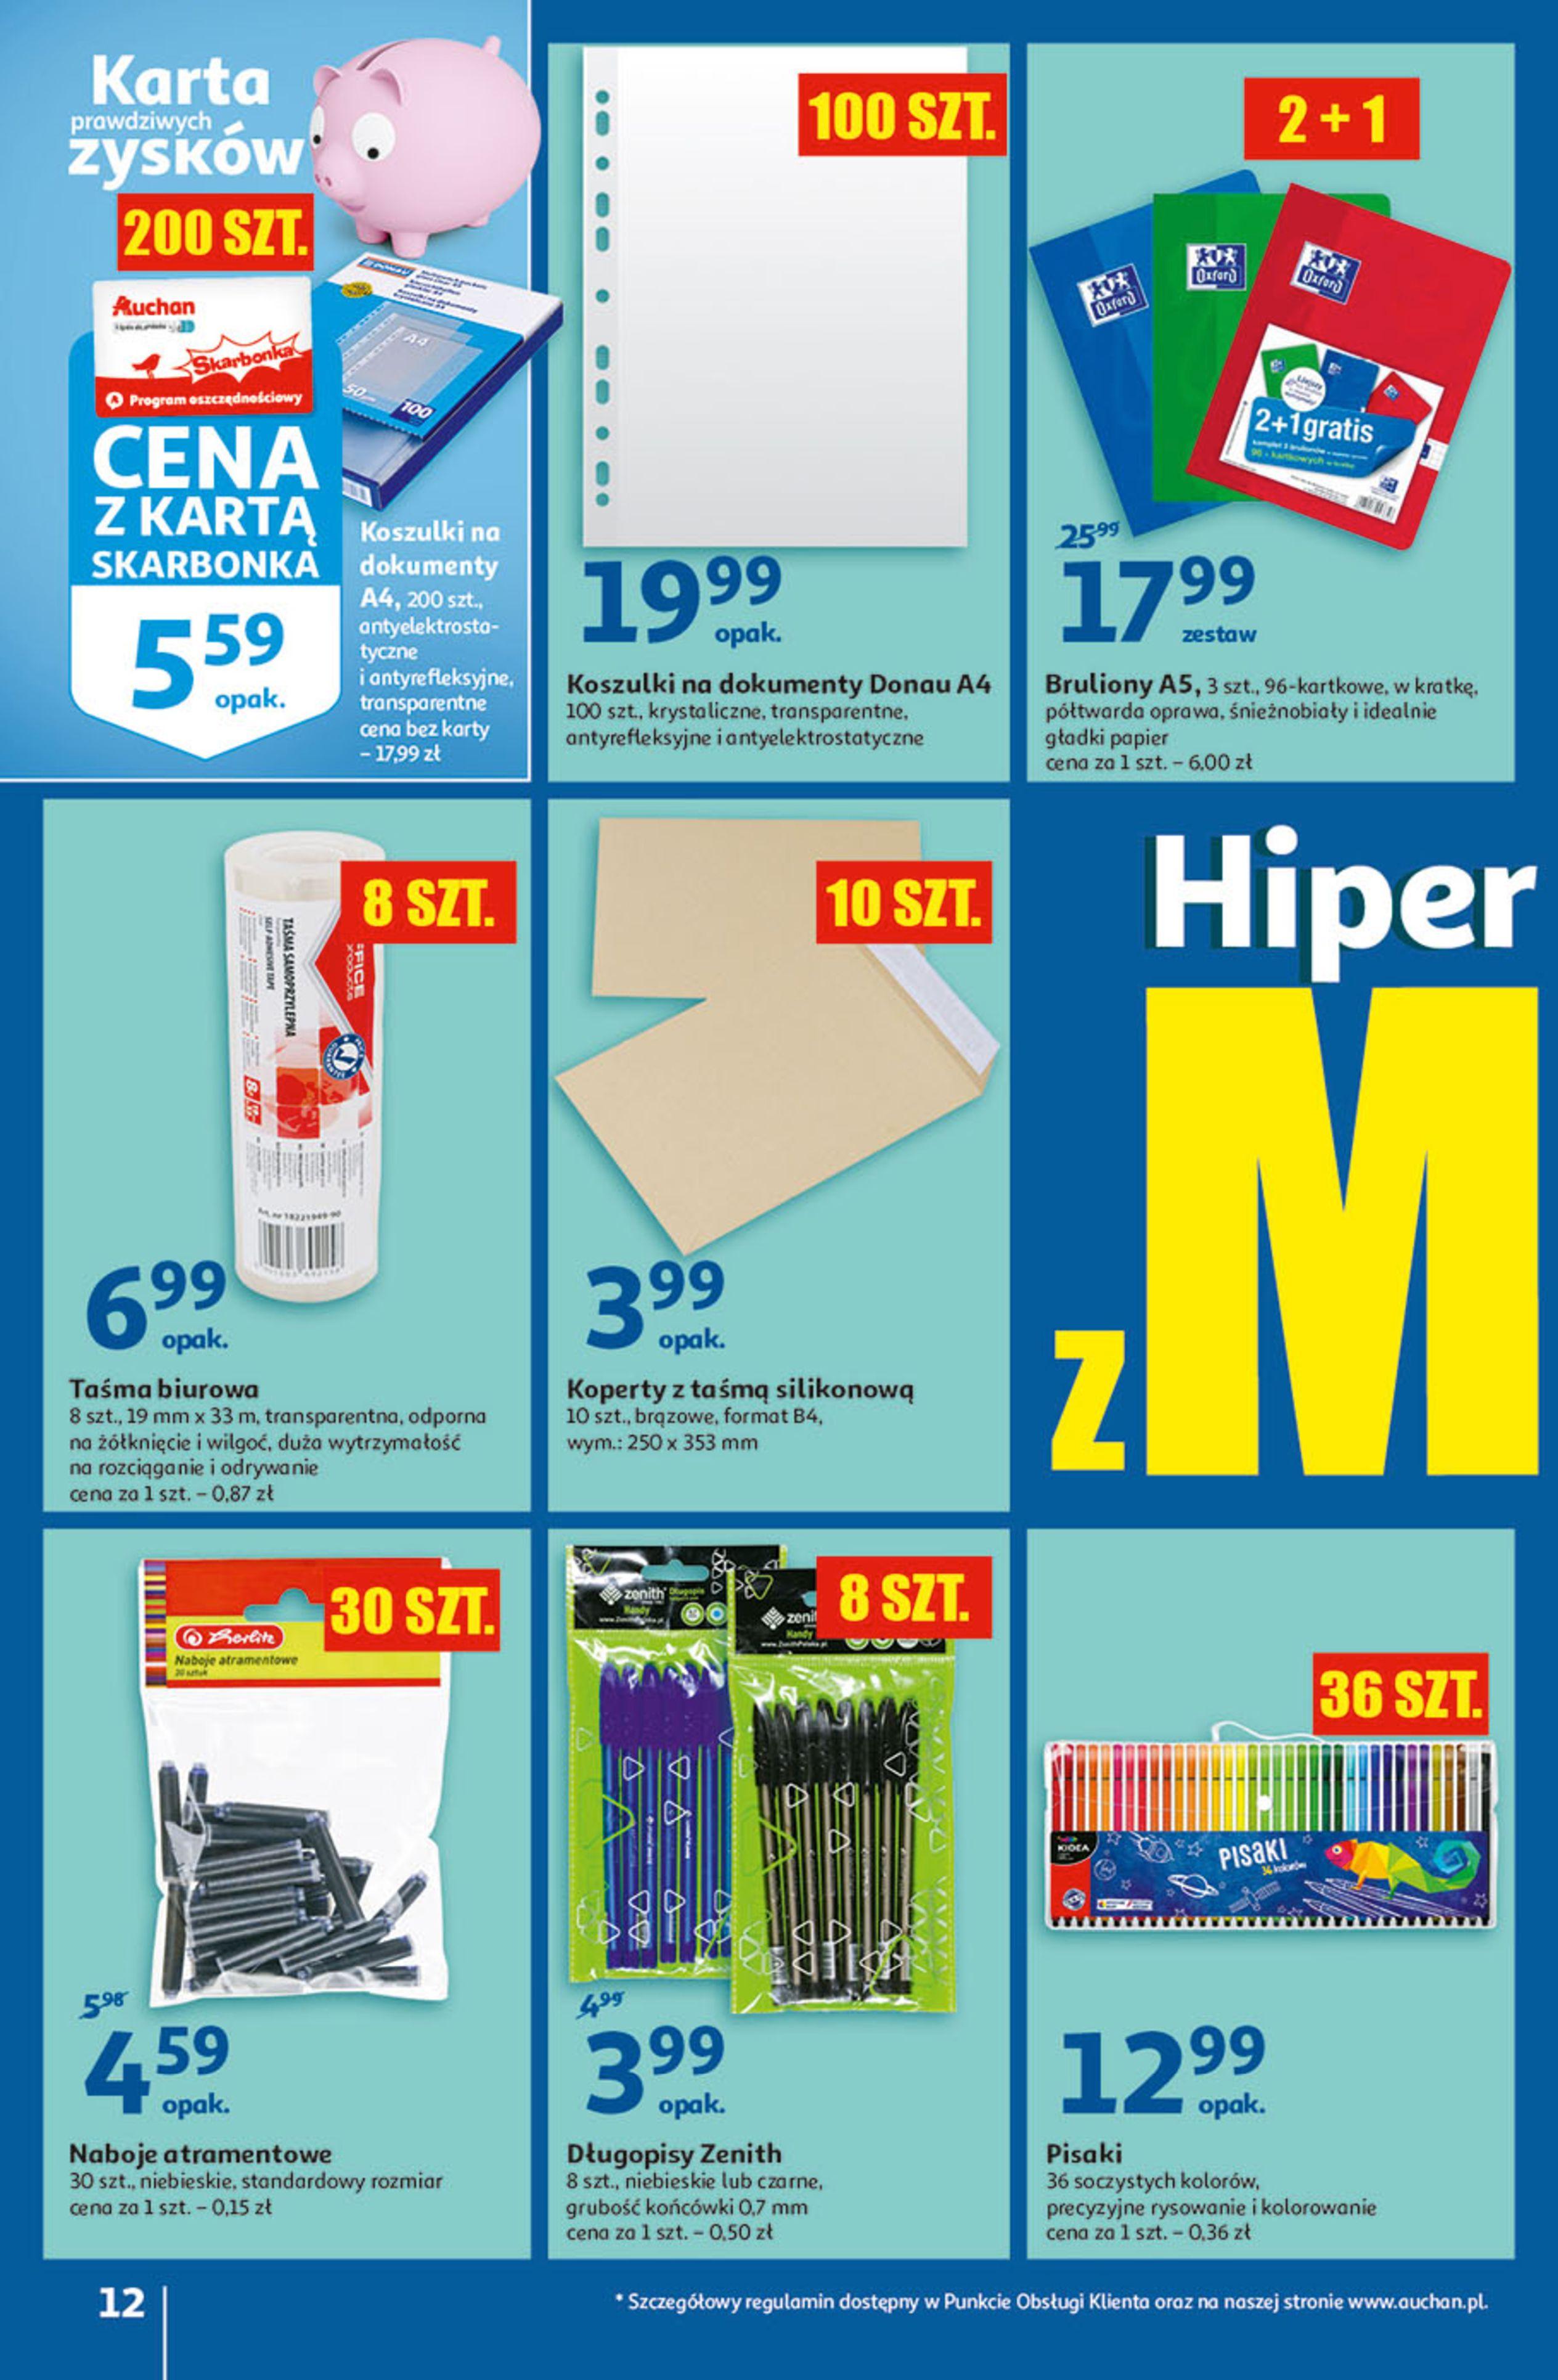 Gazetka Auchan: Gazetka Auchan - Hiperoszczędzanie w wersji Maxi Paki Hipermarkety 2021-09-16 page-12